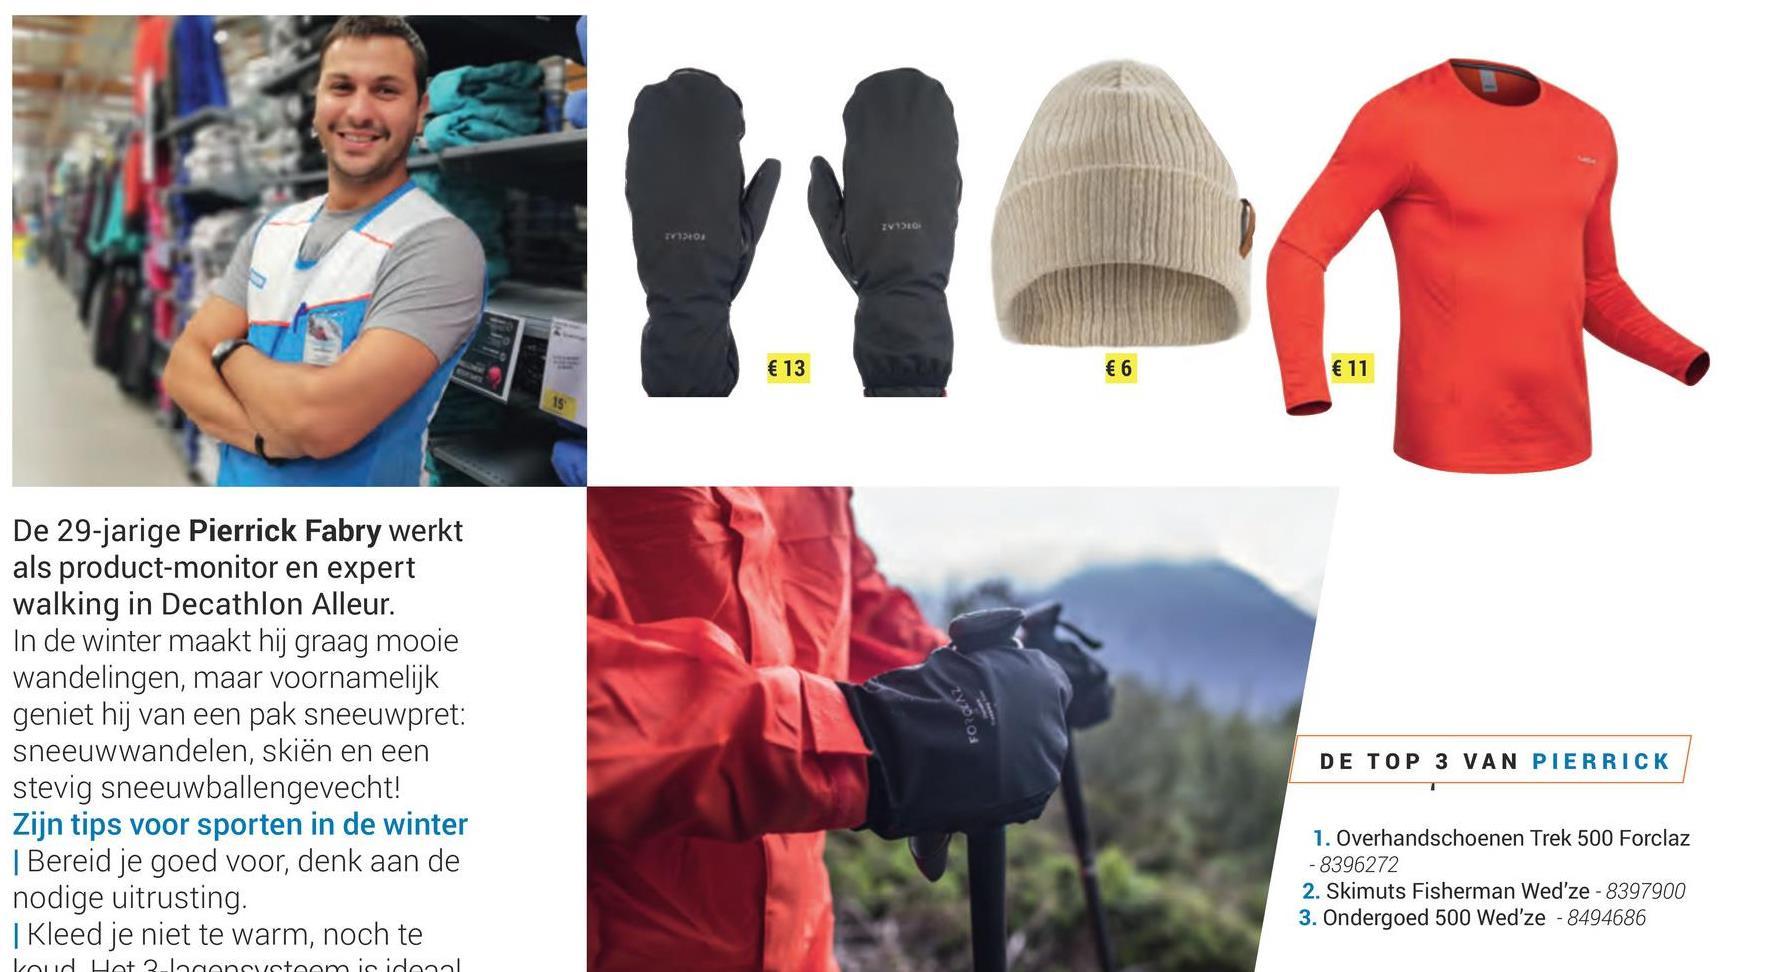 - € 13 € 6 € 11 De 29-jarige Pierrick Fabry werkt als product-monitor en expert walking in Decathlon Alleur. In de winter maakt hij graag mooie wandelingen, maar voornamelijk geniet hij van een pak sneeuwpret: sneeuwwandelen, skiën en een stevig sneeuwballengevecht! Zijn tips voor sporten in de winter Bereid je goed voor, denk aan de nodige uitrusting. | Kleed je niet te warm, noch te DE TOP 3 VAN PIERRICK 1. Overhandschoenen Trek 500 Forclaz -8396272 2. Skimuts Fisherman Wed'ze - 8397900 3. Ondergoed 500 Wed'ze - 8494686 Loud Hat 20cancvetoomicidonal